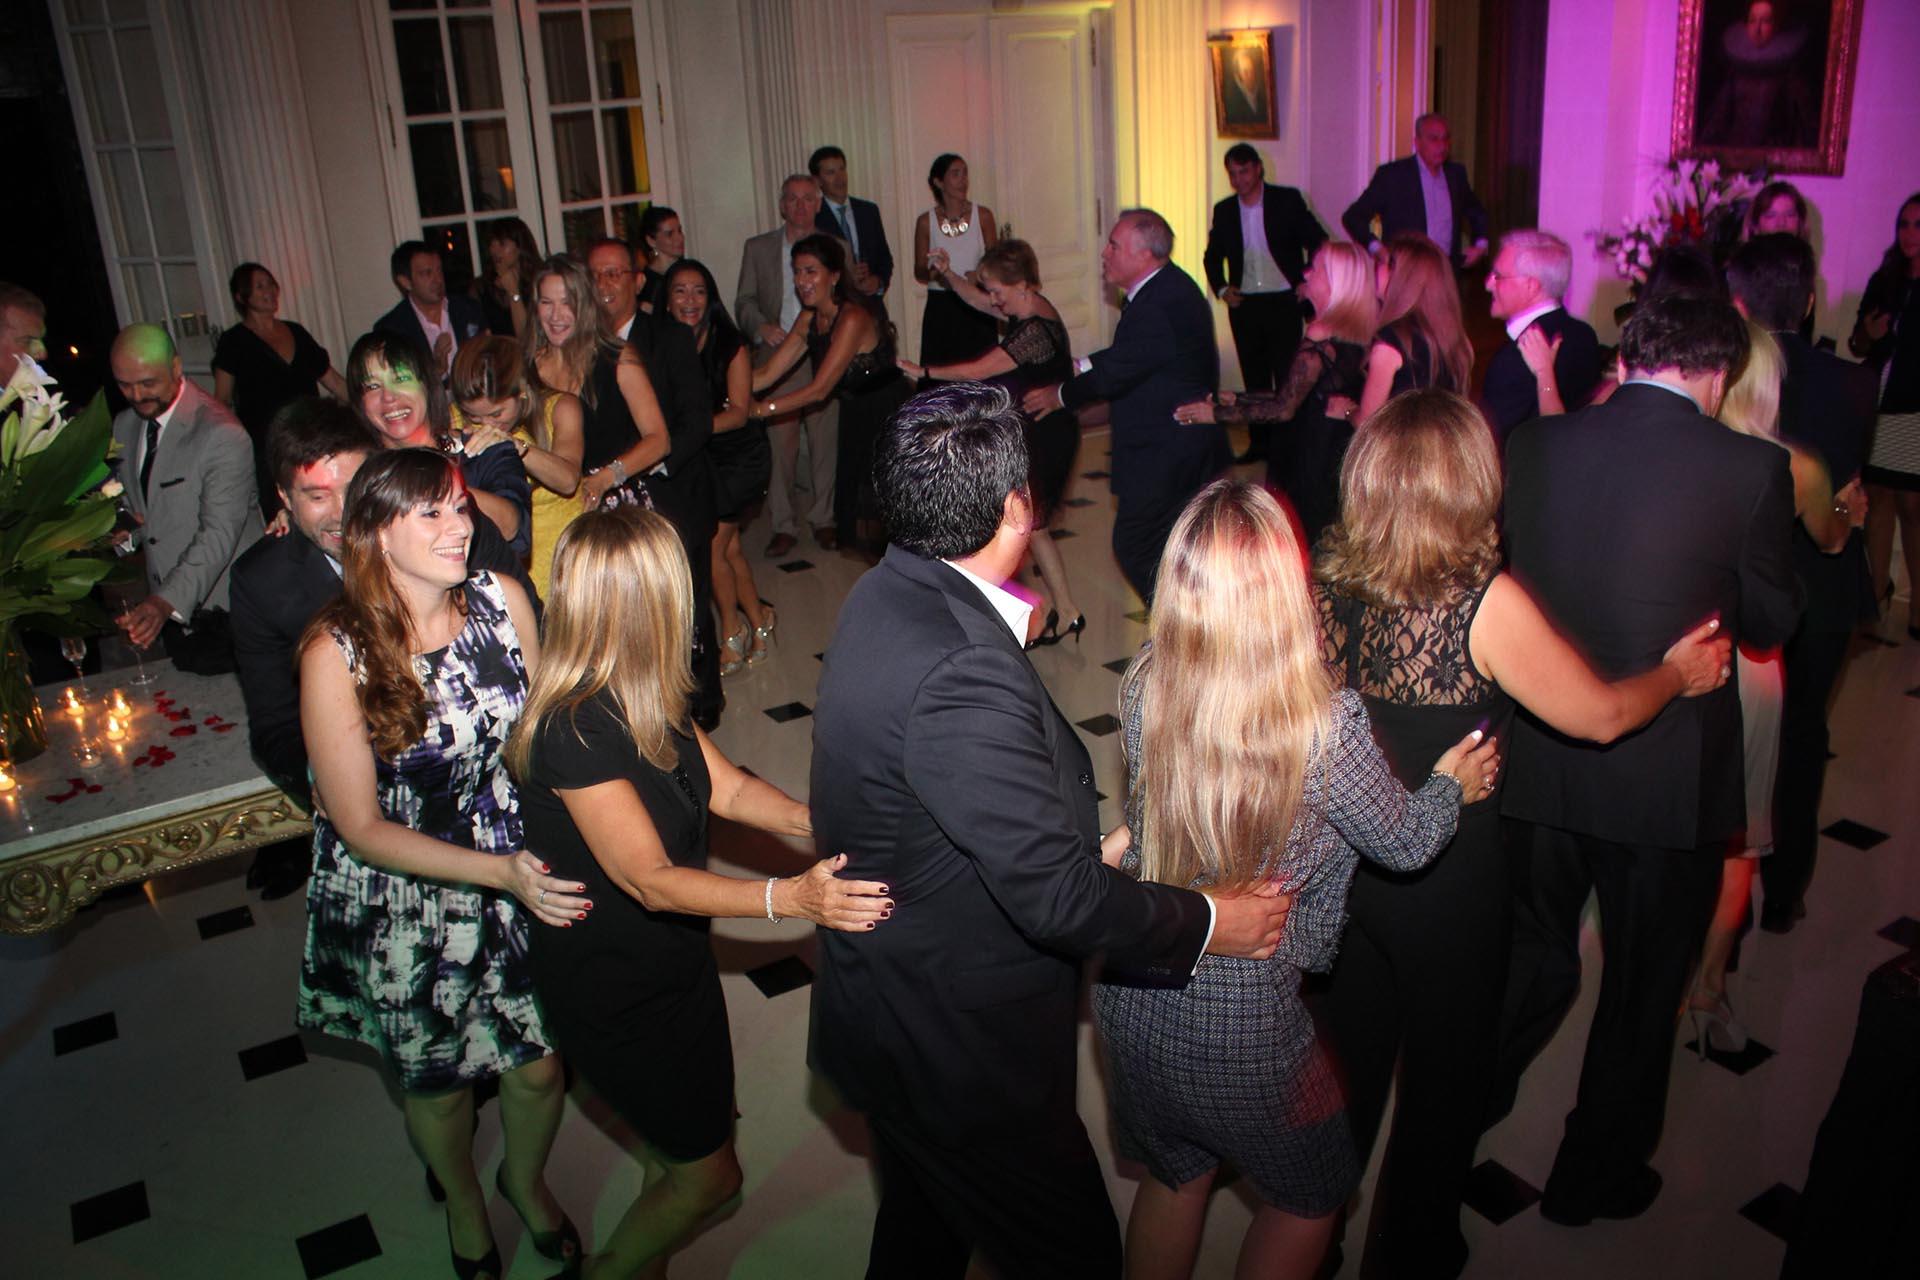 Los invitados bailaron y se divirtieron hasta la medianoche